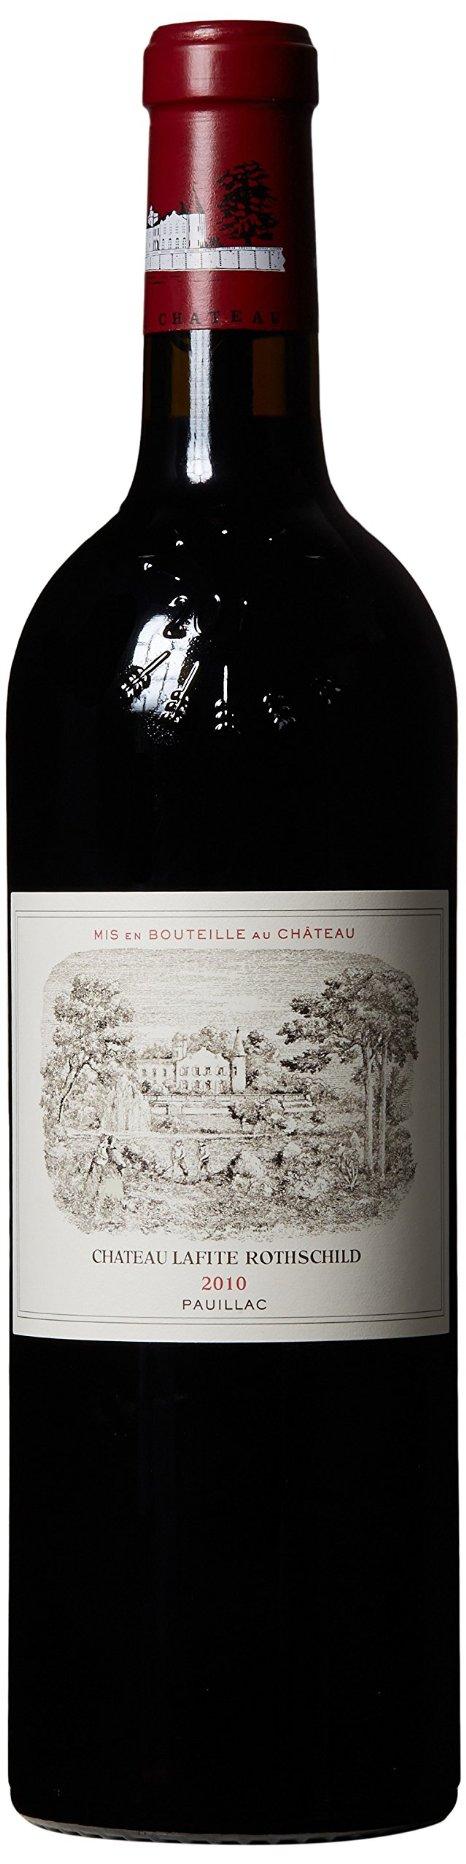 1_Ch%C3%89teau-Lafite-Rothschild-20102.p